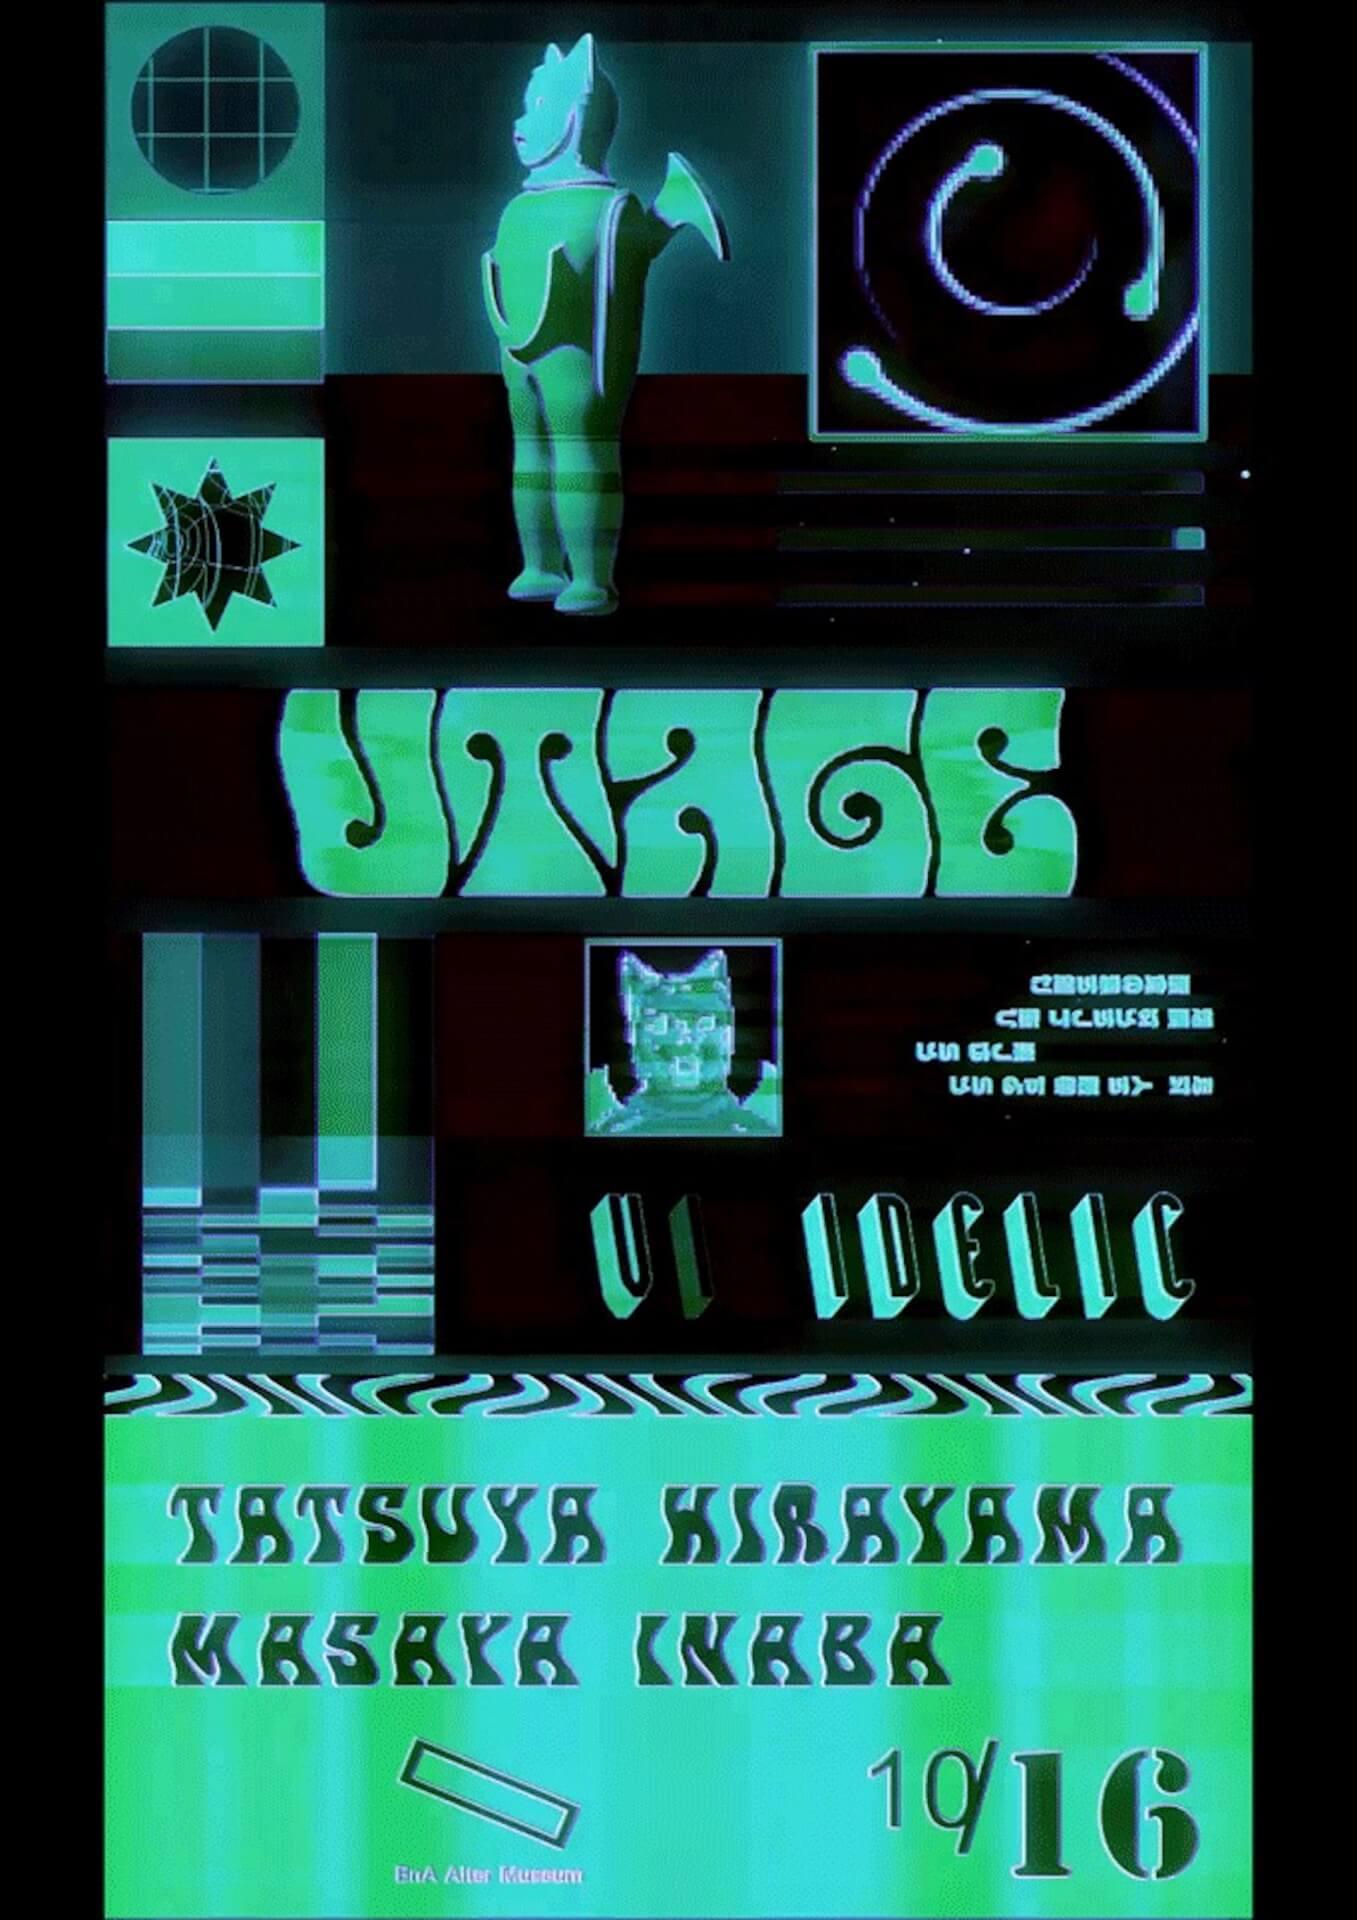 ストリートなイベント【京都】UTAGE 画家・平山達也と映像クリエイター 稲葉昌也による初の展覧会イベント!